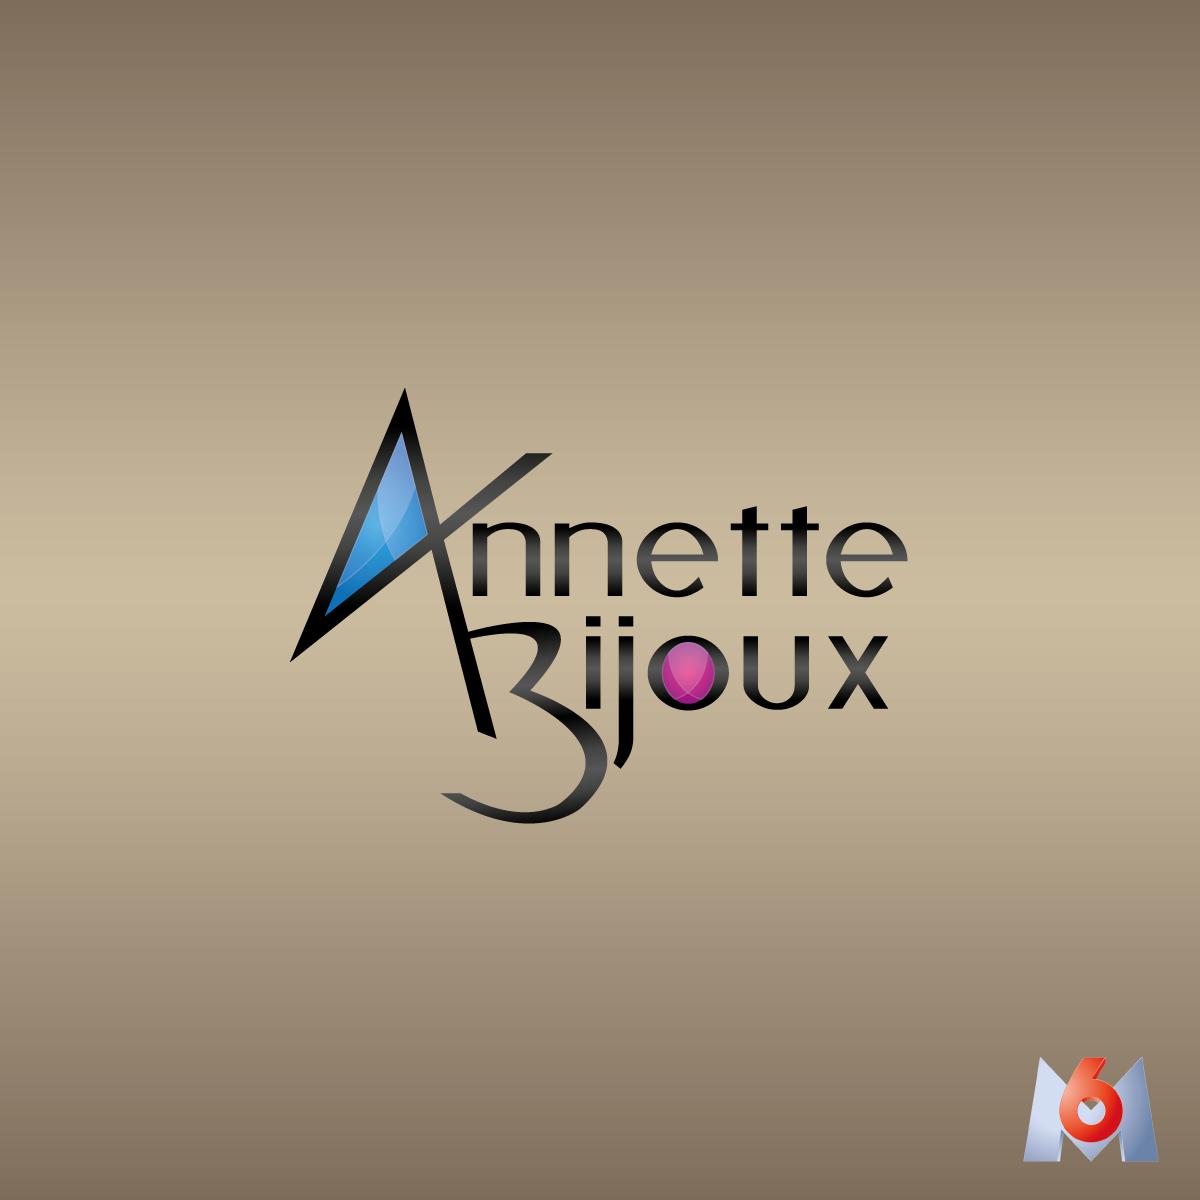 annette-bijoux-logo